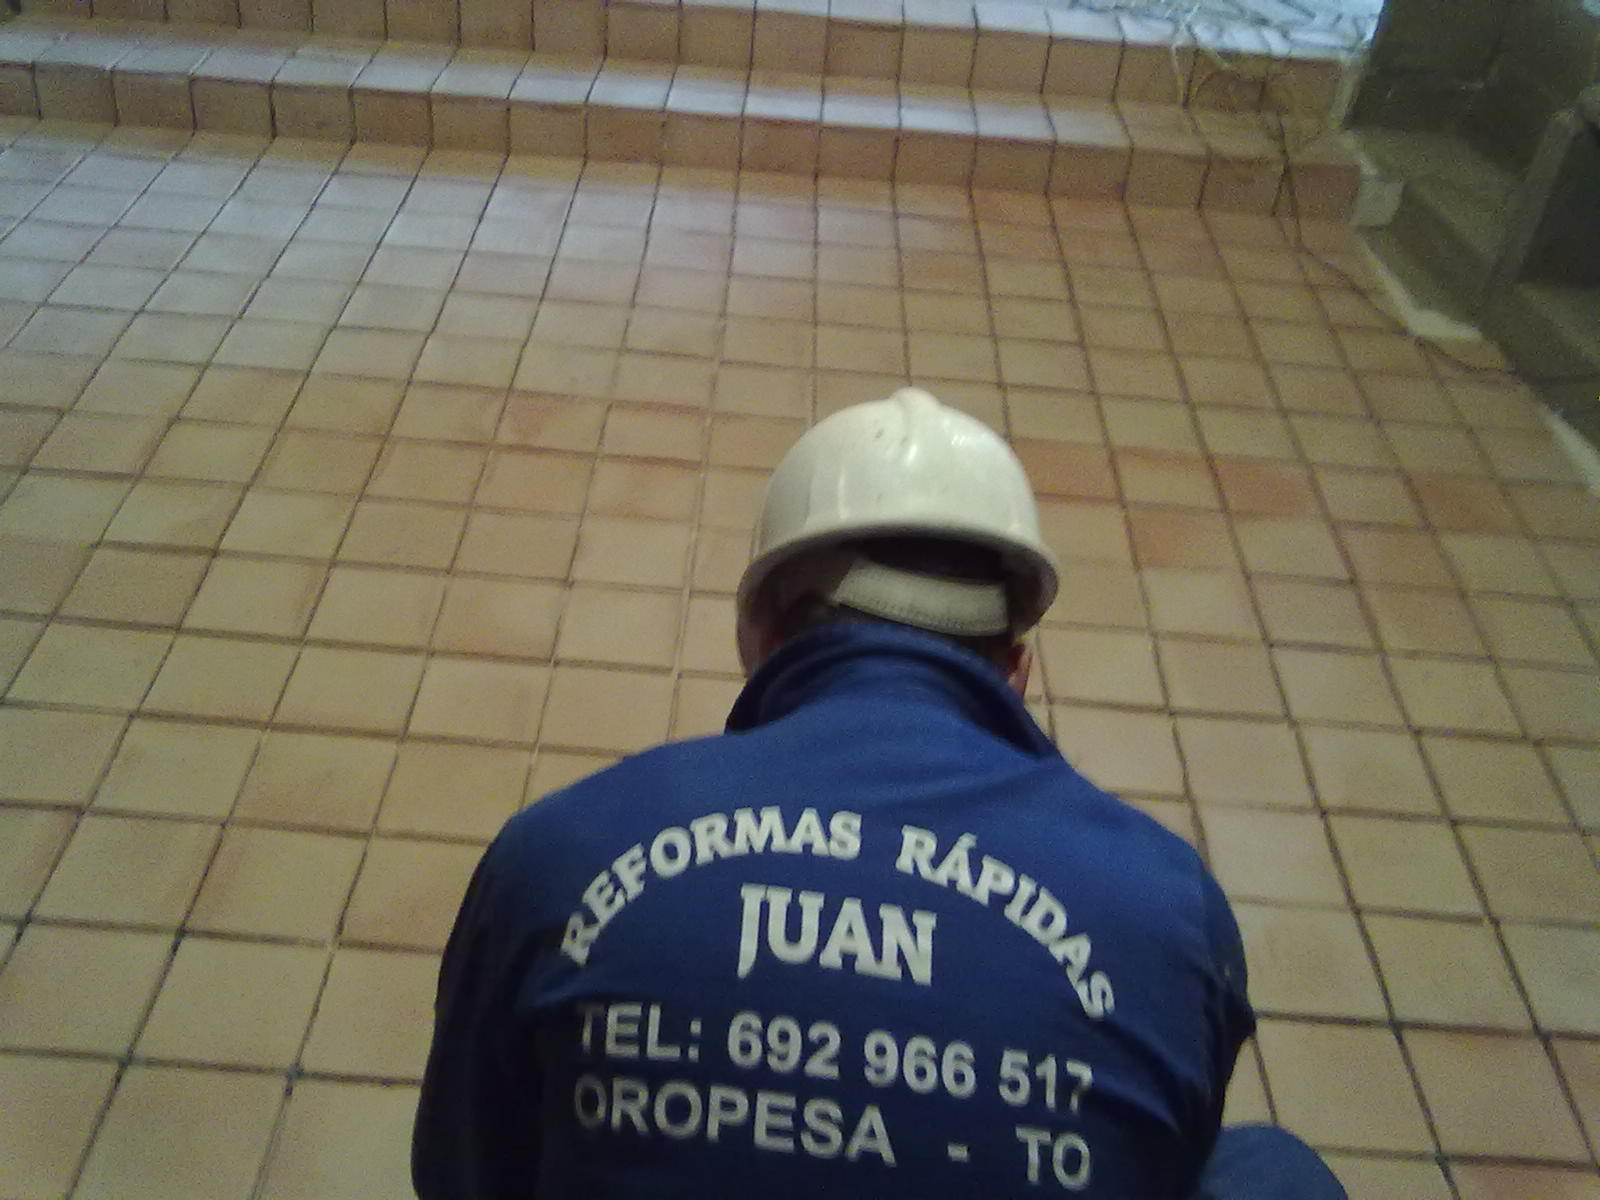 Trabajos Reformas Rapidas Juan